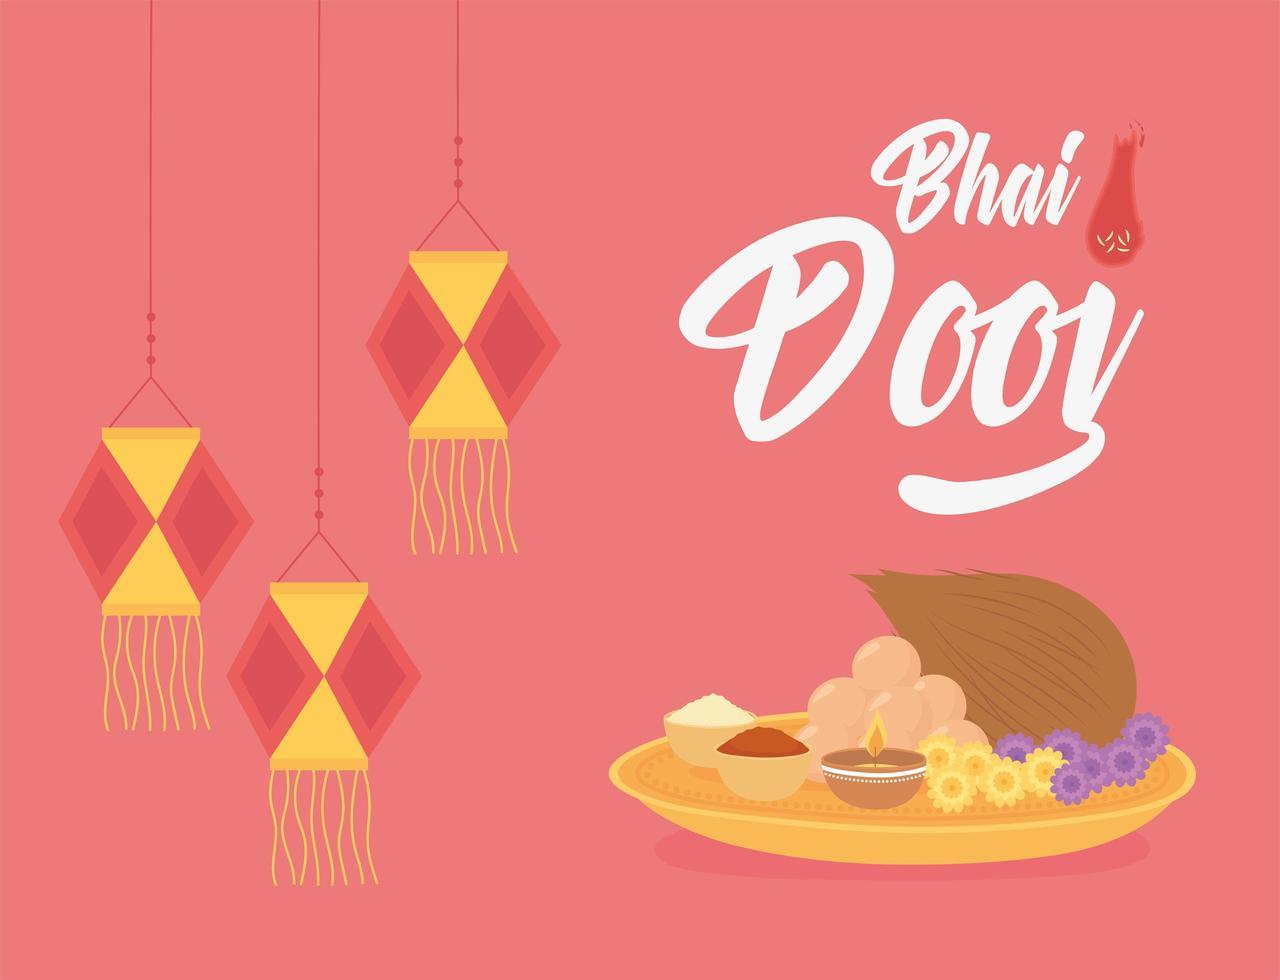 felice bhai dooj. lanterne sospese e cibo tradizionale vettore